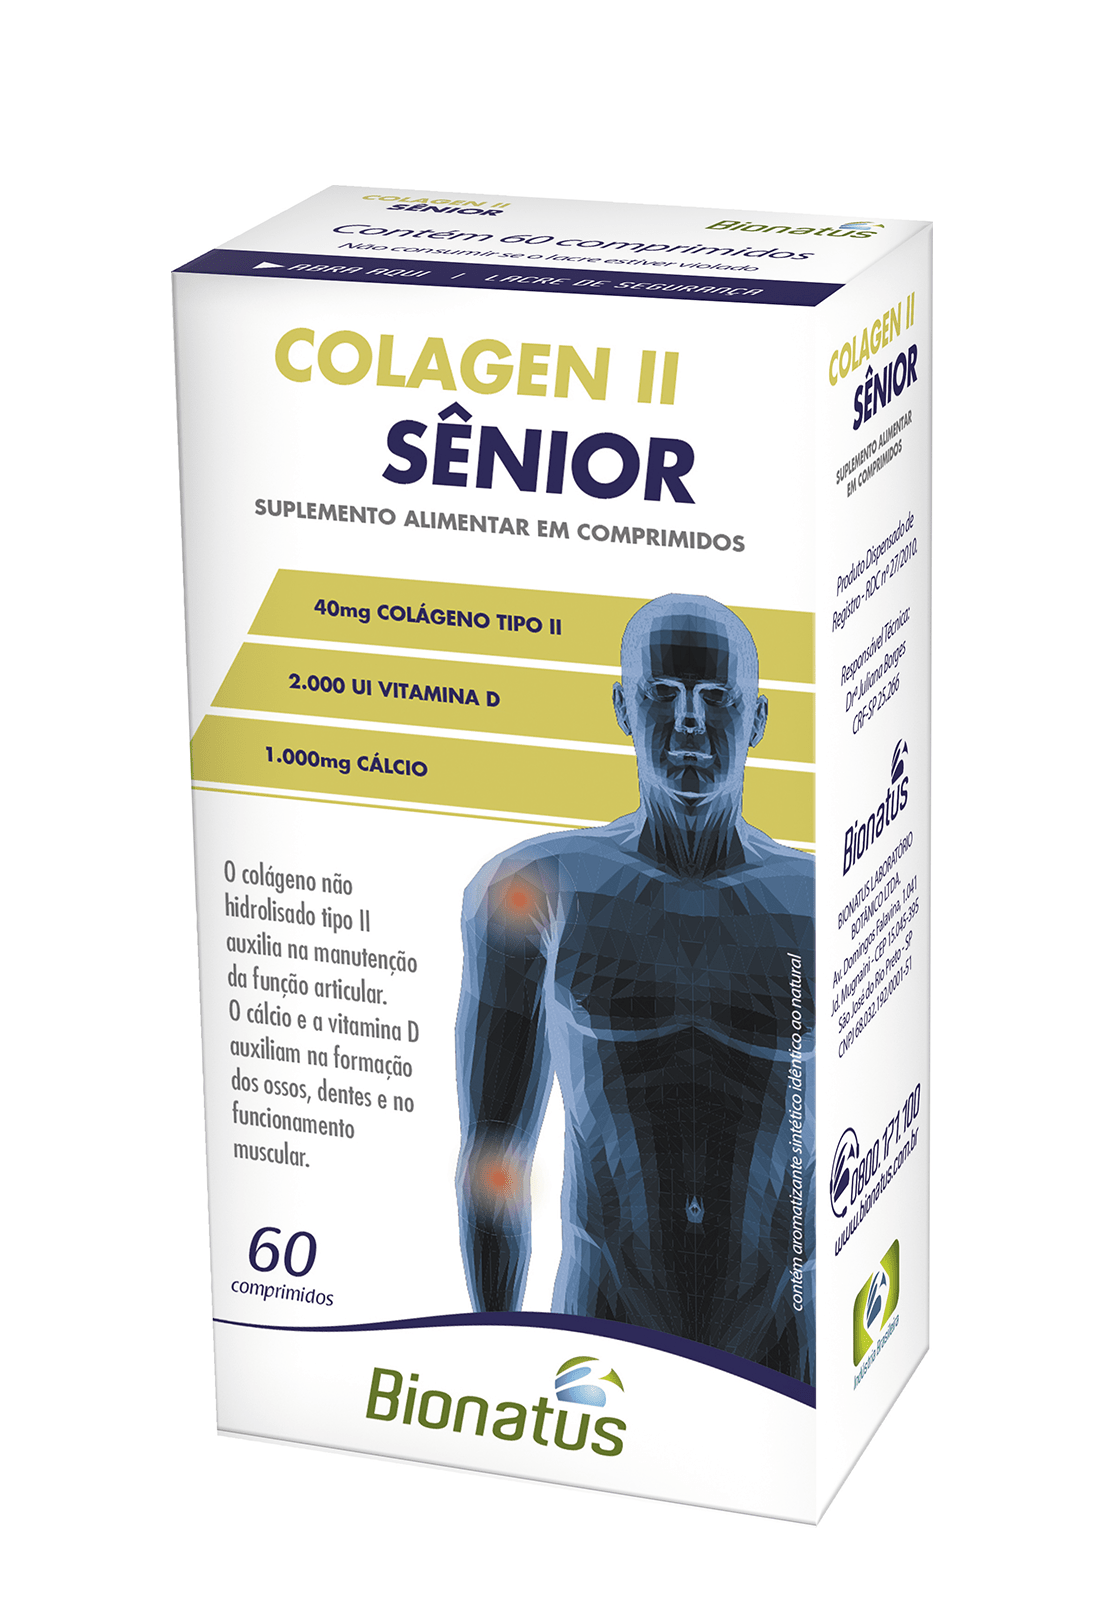 Colagen II Sênior